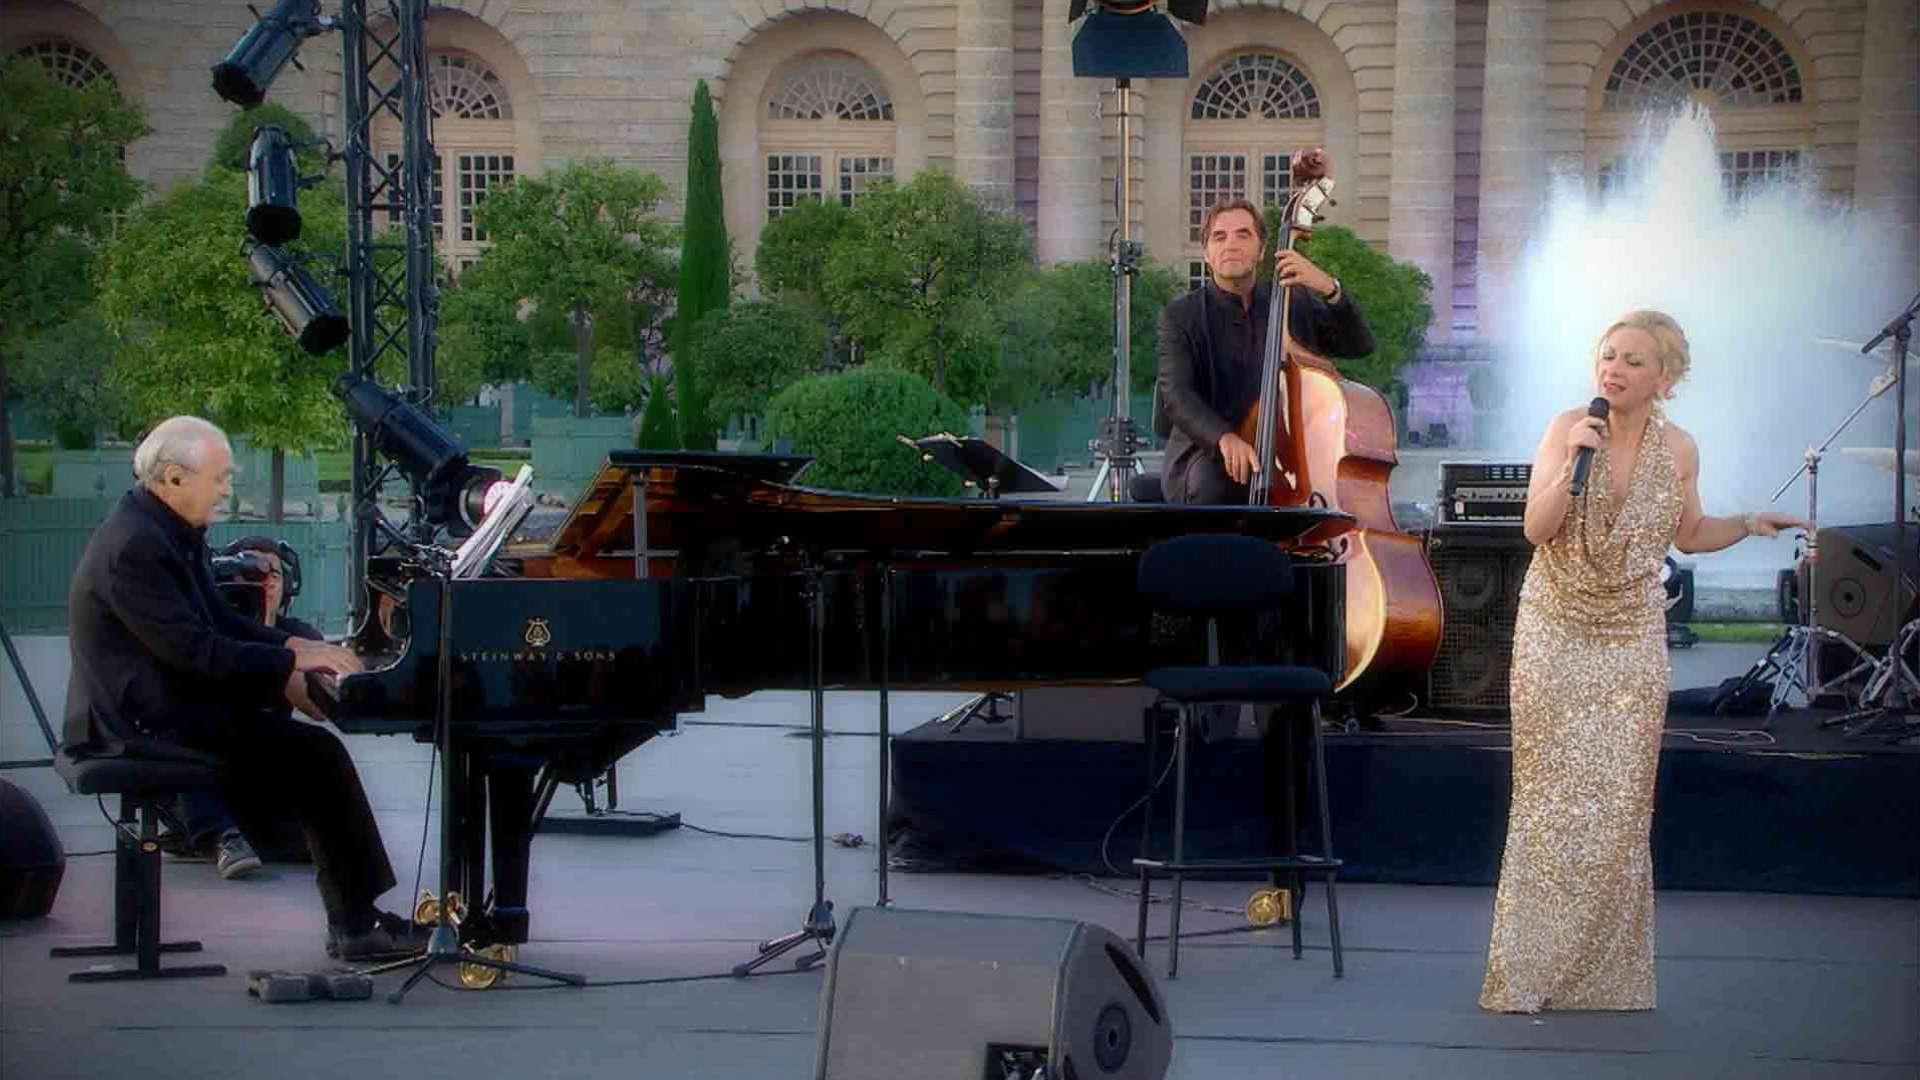 ミシェル・ルグラン&ナタリー・デセイ:ライヴ・イン・ヴェルサイユ2014